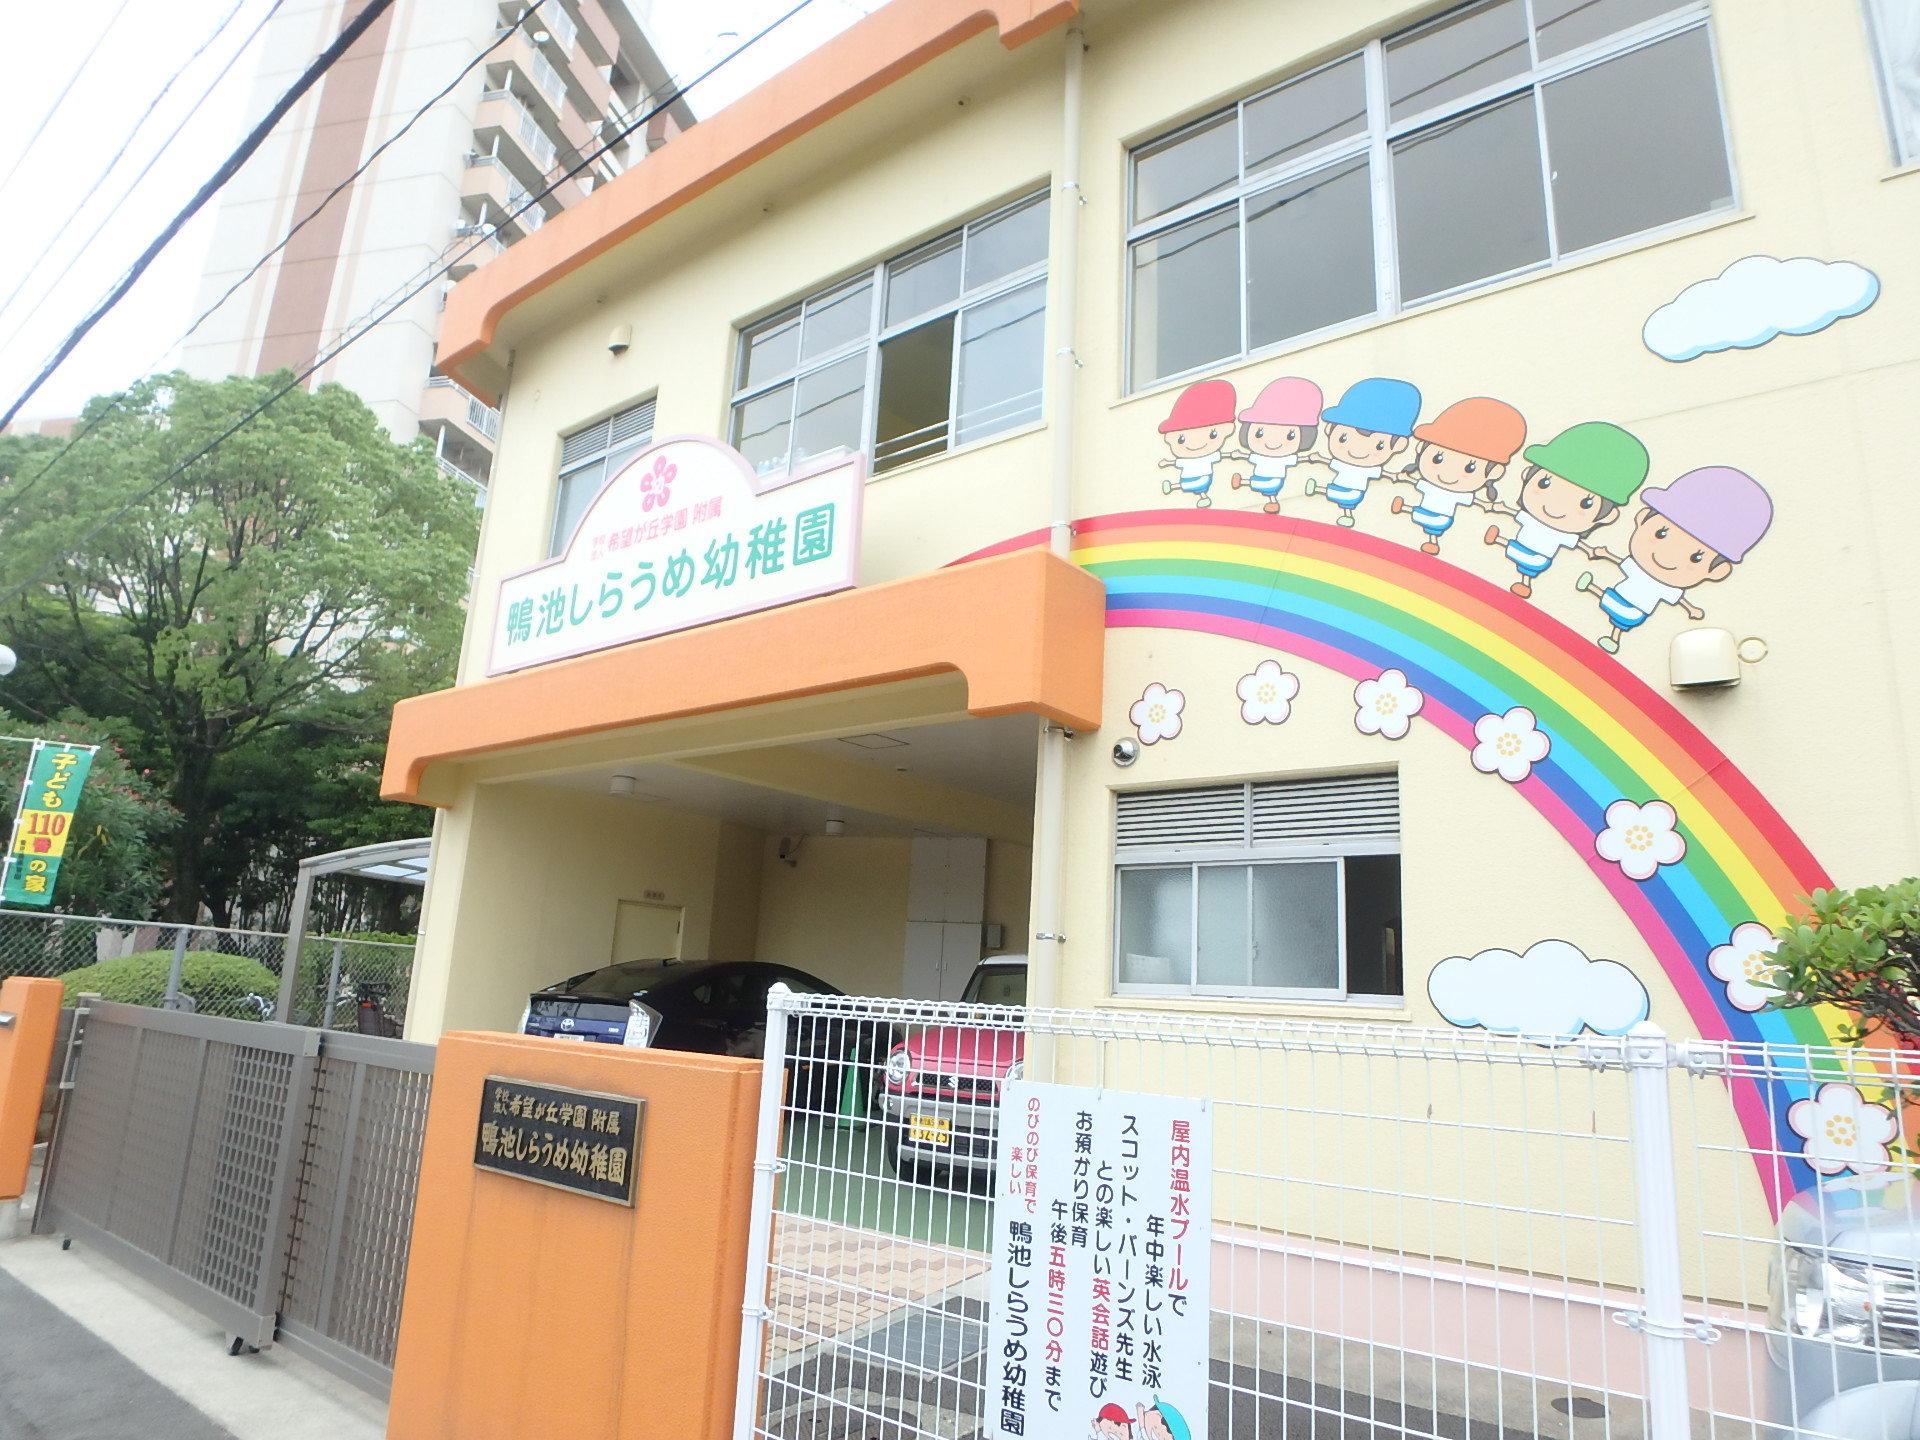 [幼稚園、保育園] 鴨池しらうめ幼稚園まで350m